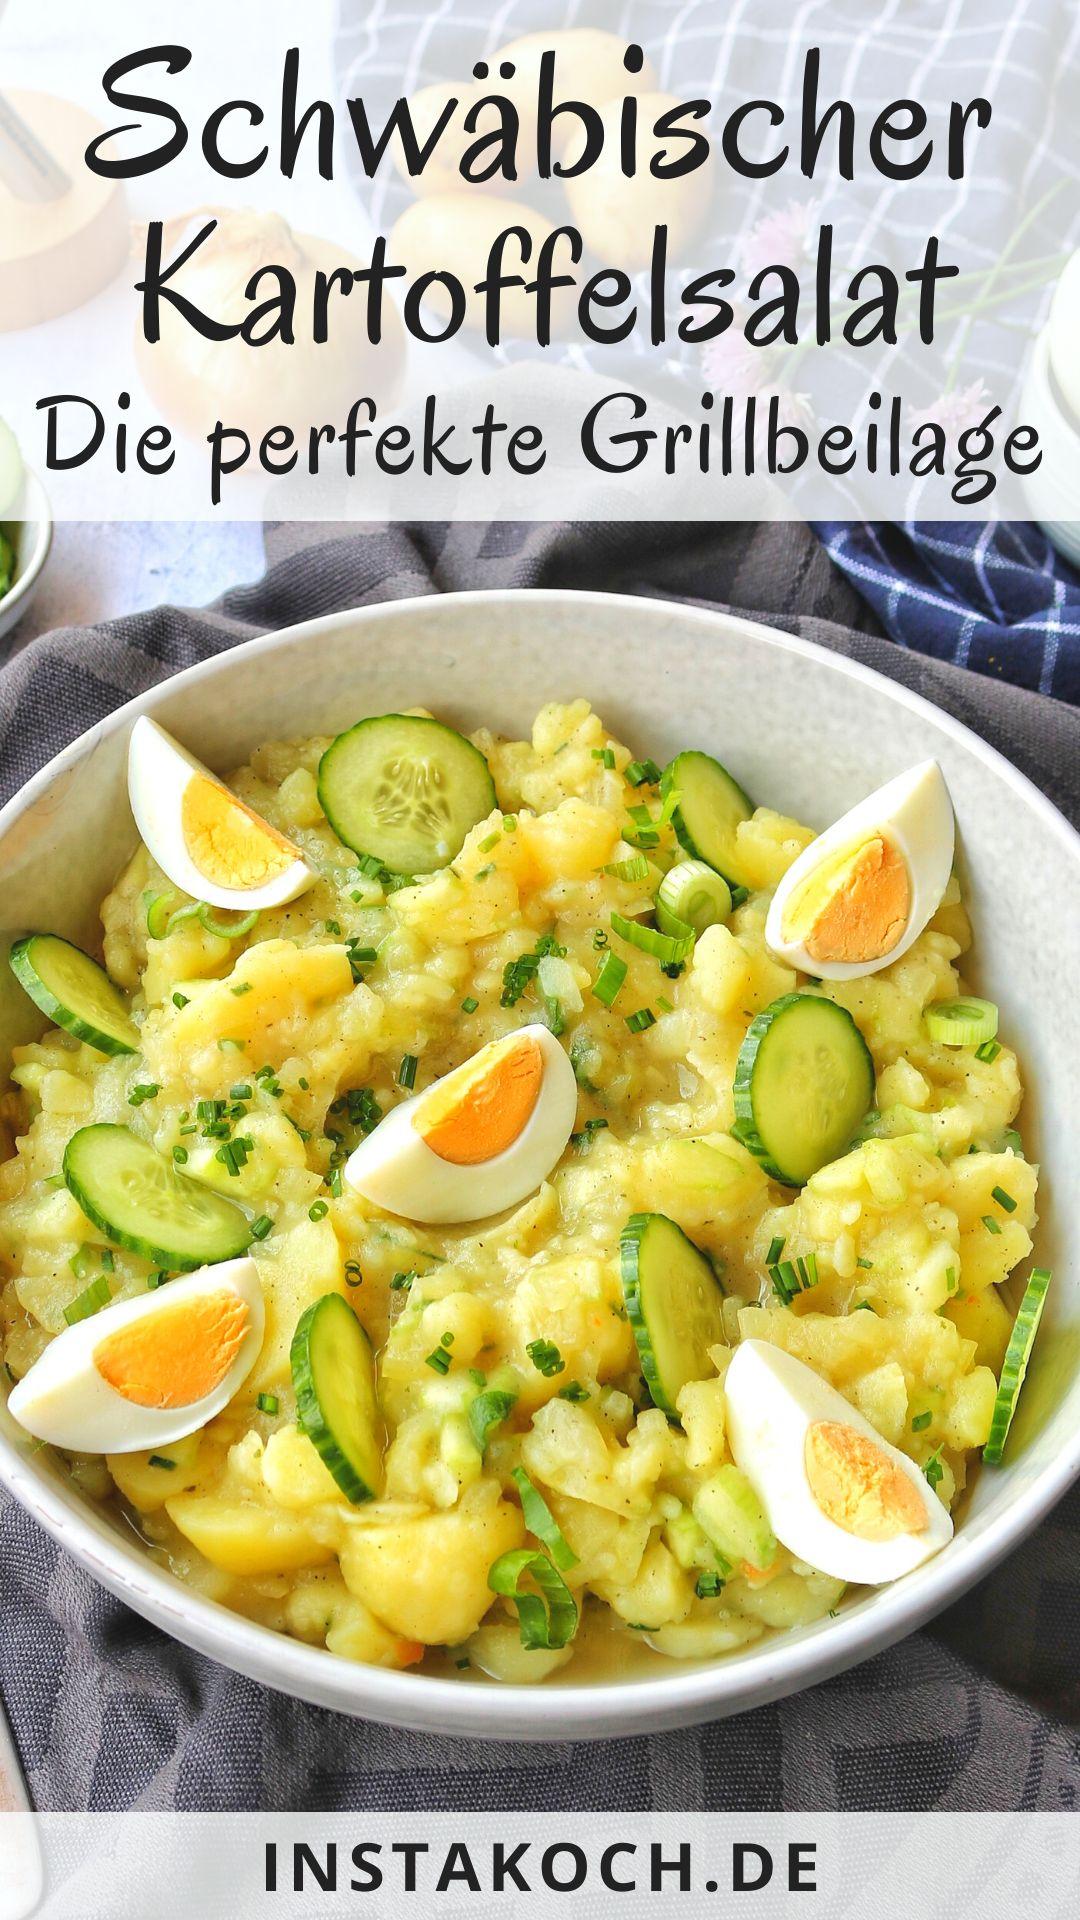 Schwäbischer Kartoffelsalat - Die perfekte Grillbeilage - Partysalat